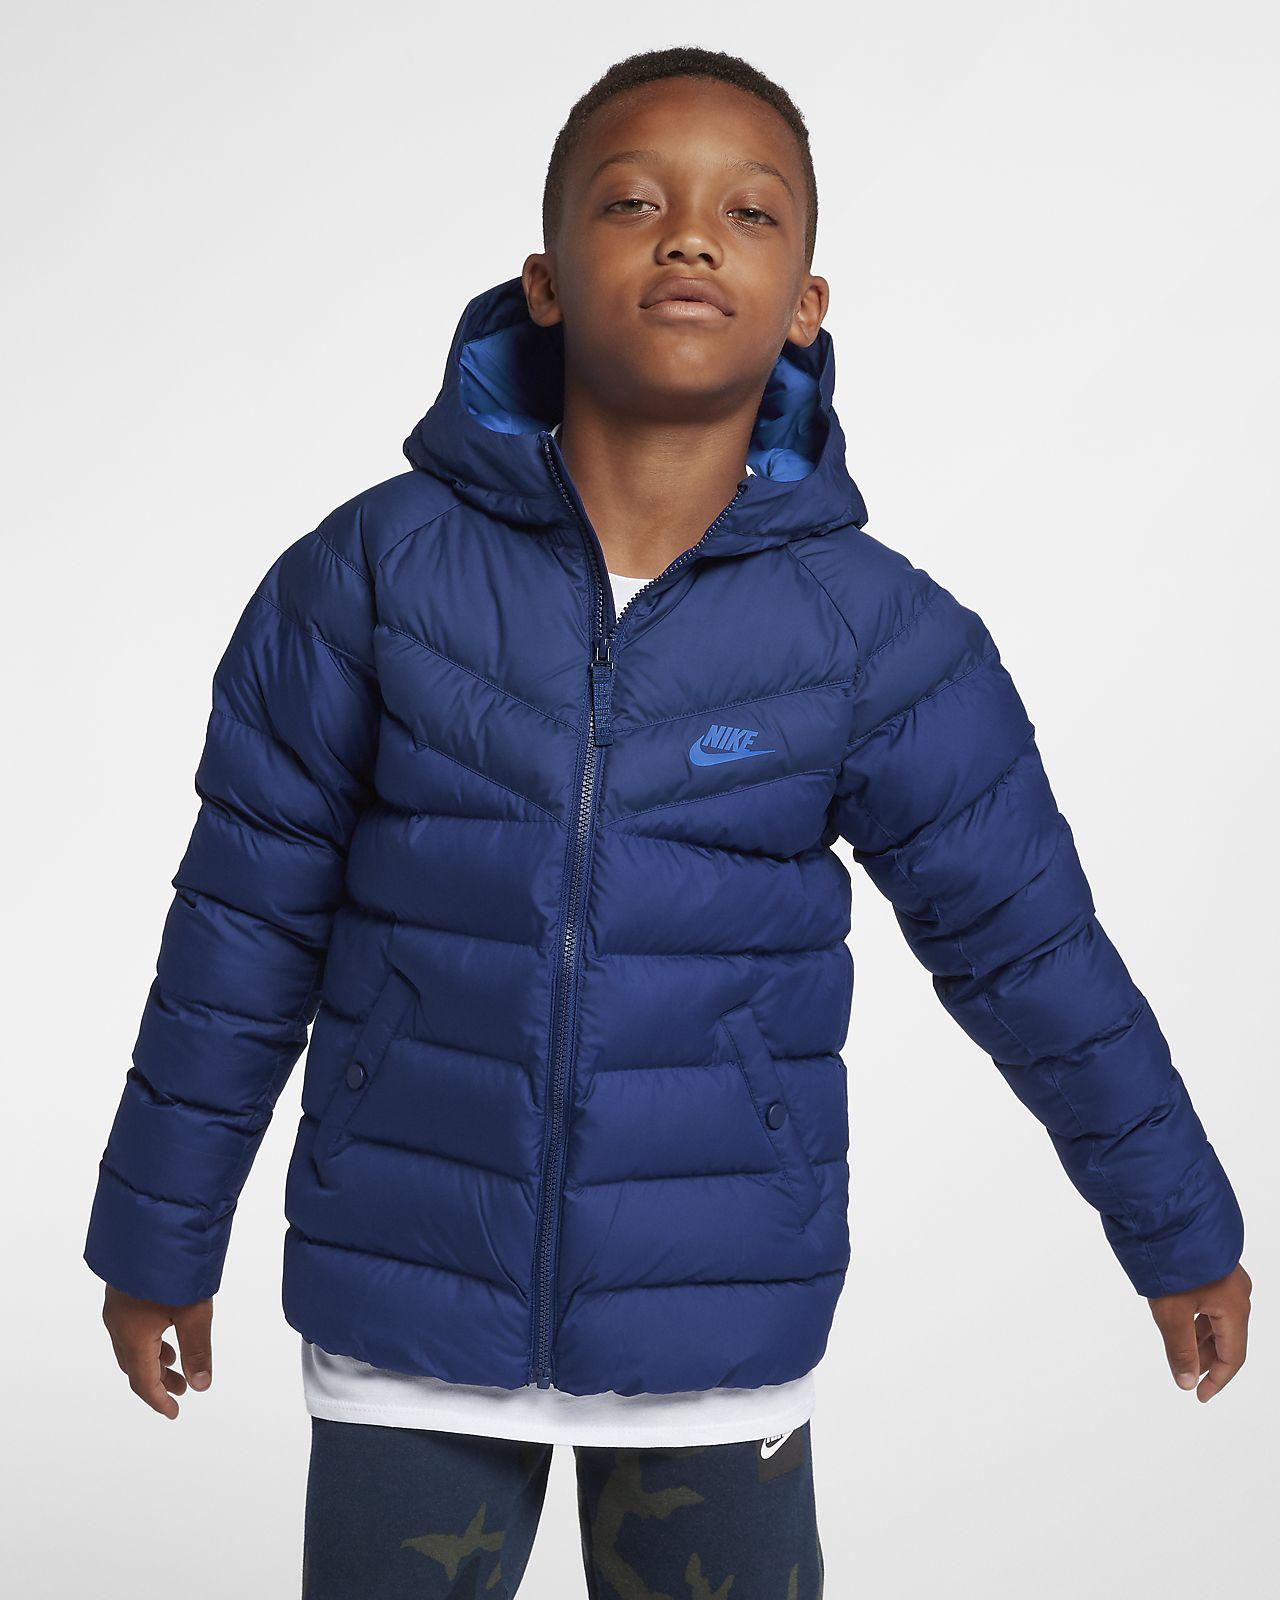 Nike Kinder Jacke